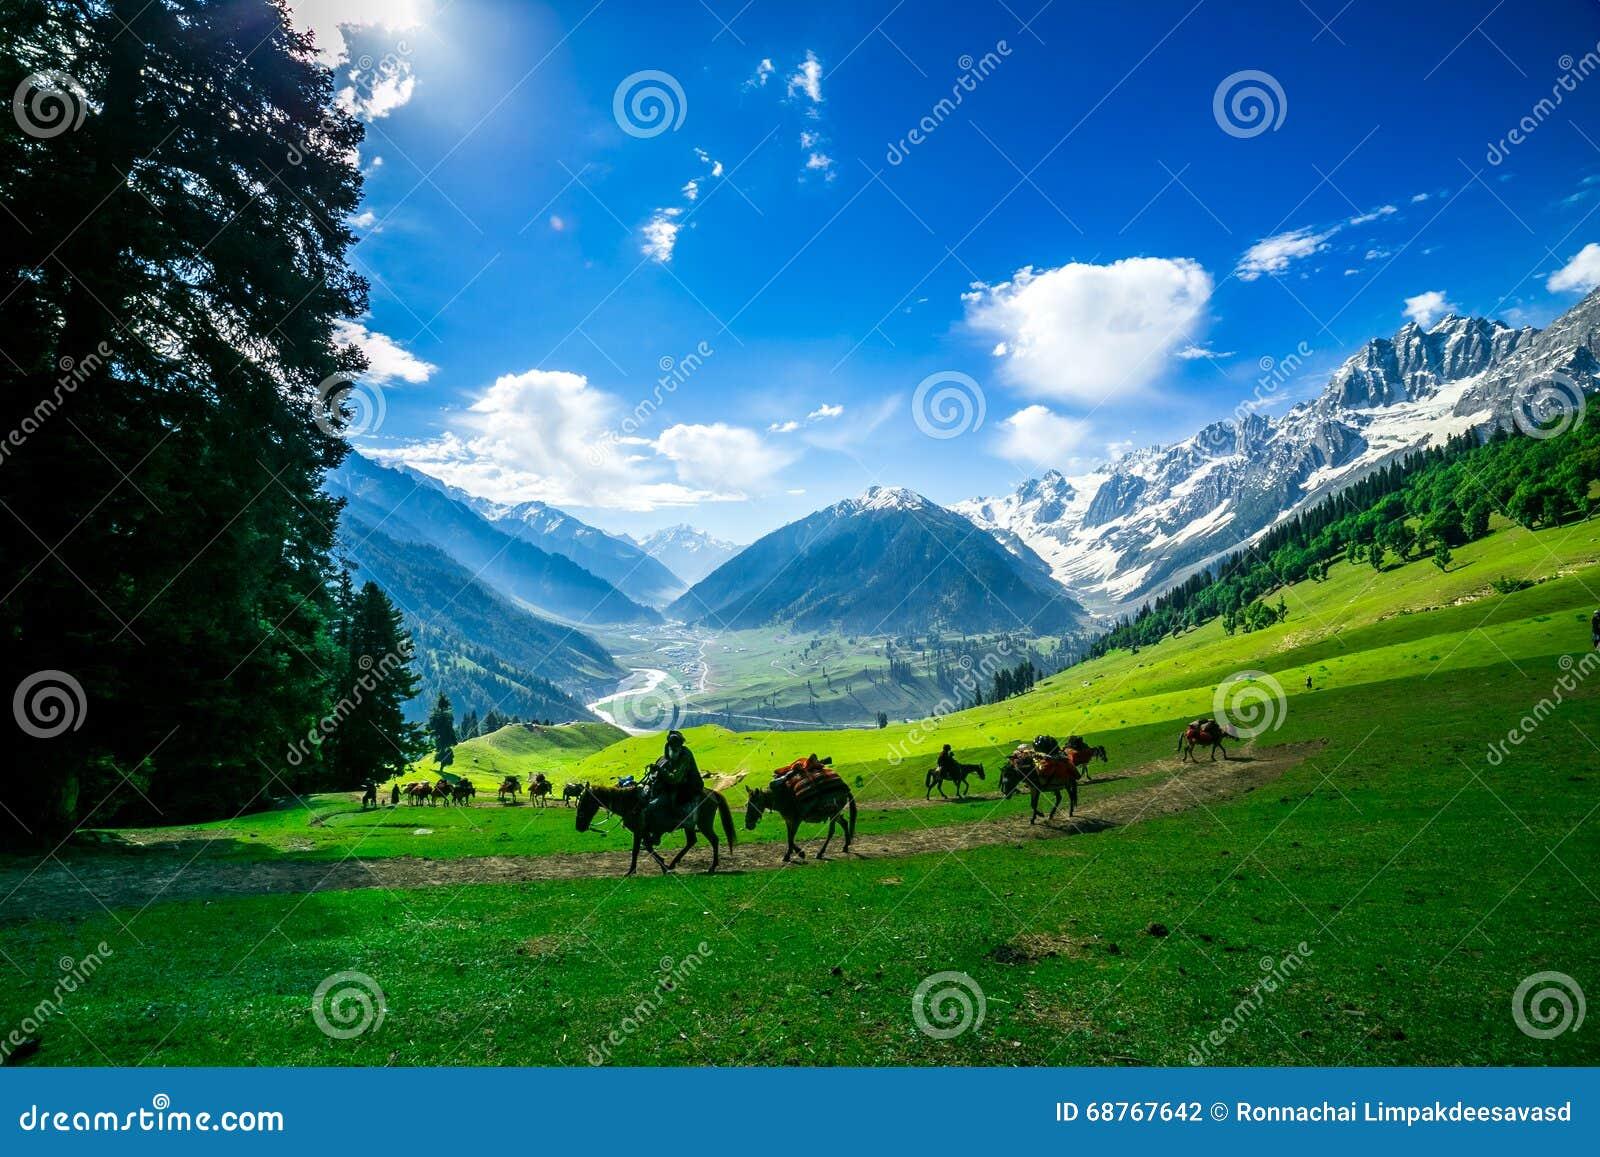 Paarden die op een Heuvel, Kashmir weiden